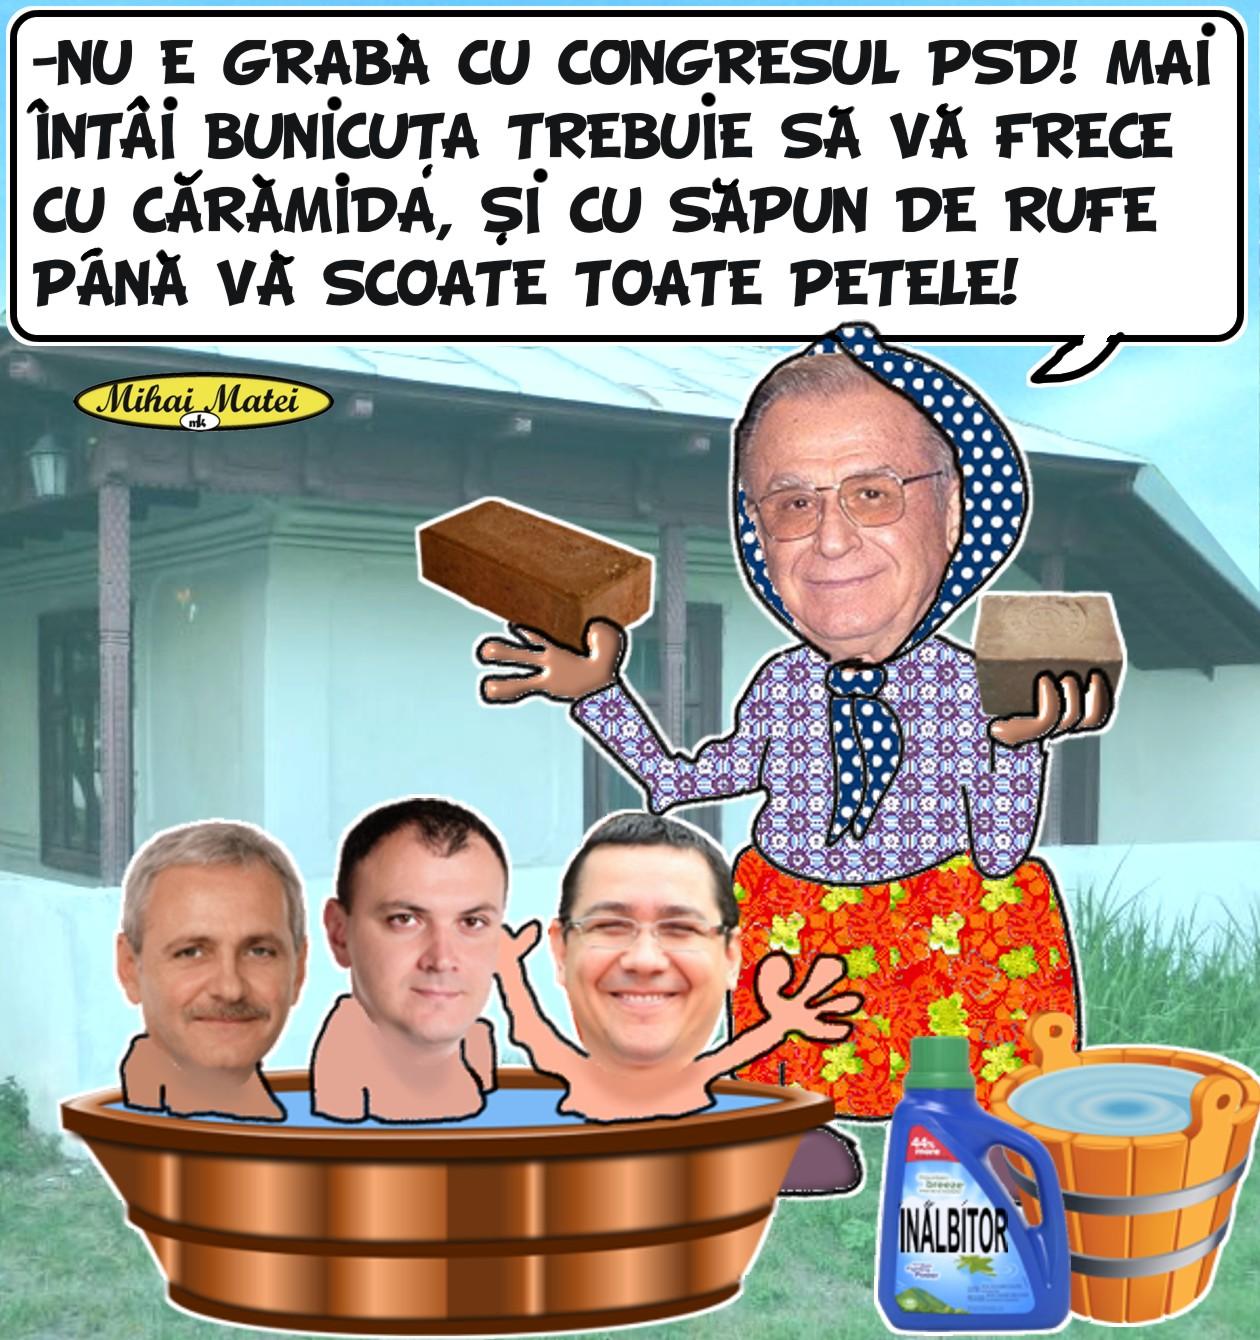 Imagini pentru caricaturi politice